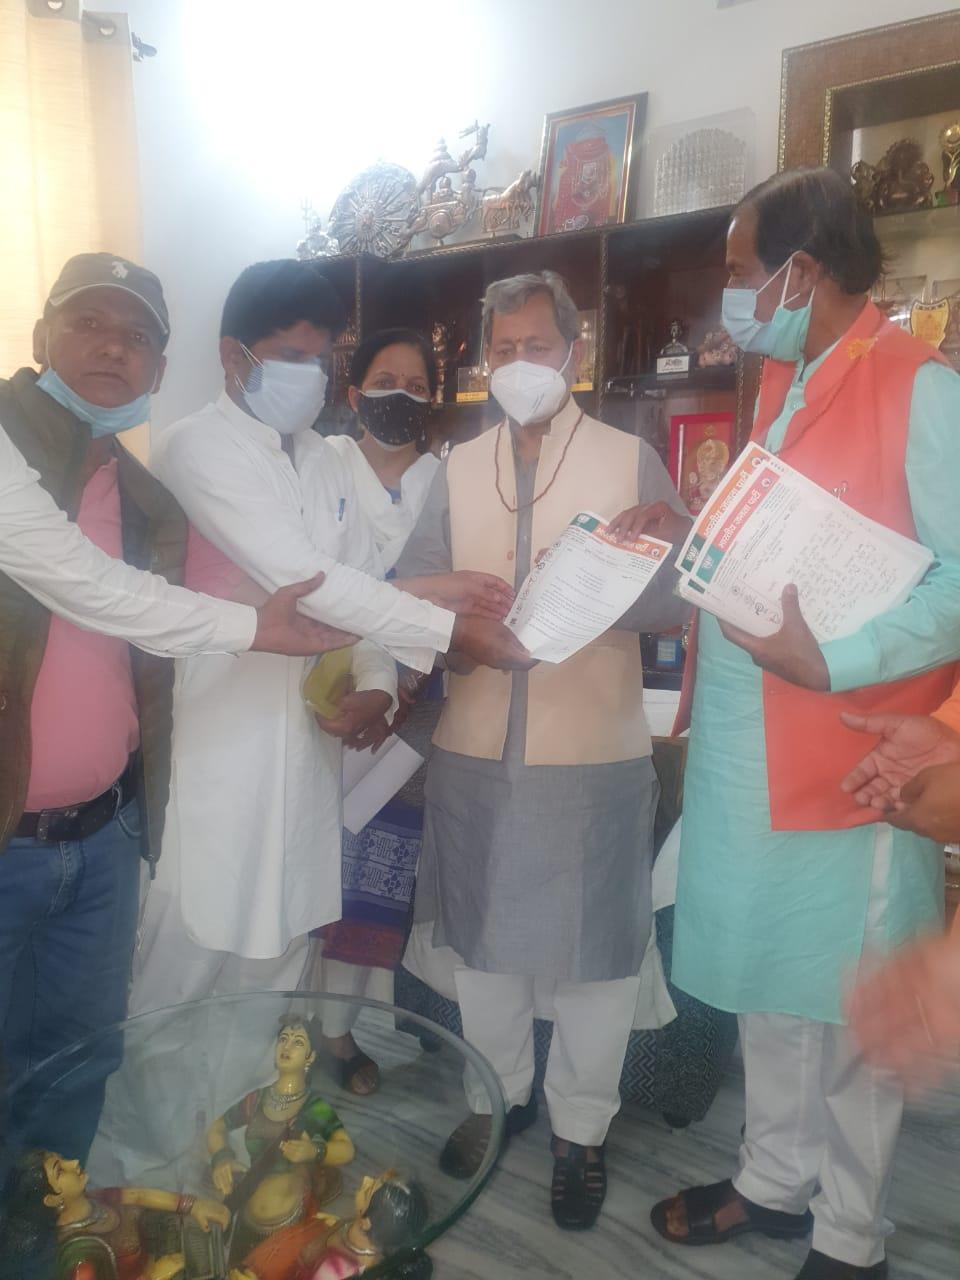 उत्तराखंड : पूर्वमंत्री नारायण सिंह राणा के नेतृत्व में धनोल्टी विधानसभा का प्रतिनिधि मंडल मुख्यमंत्री त्तीरथ सिंह रावत से भेट की